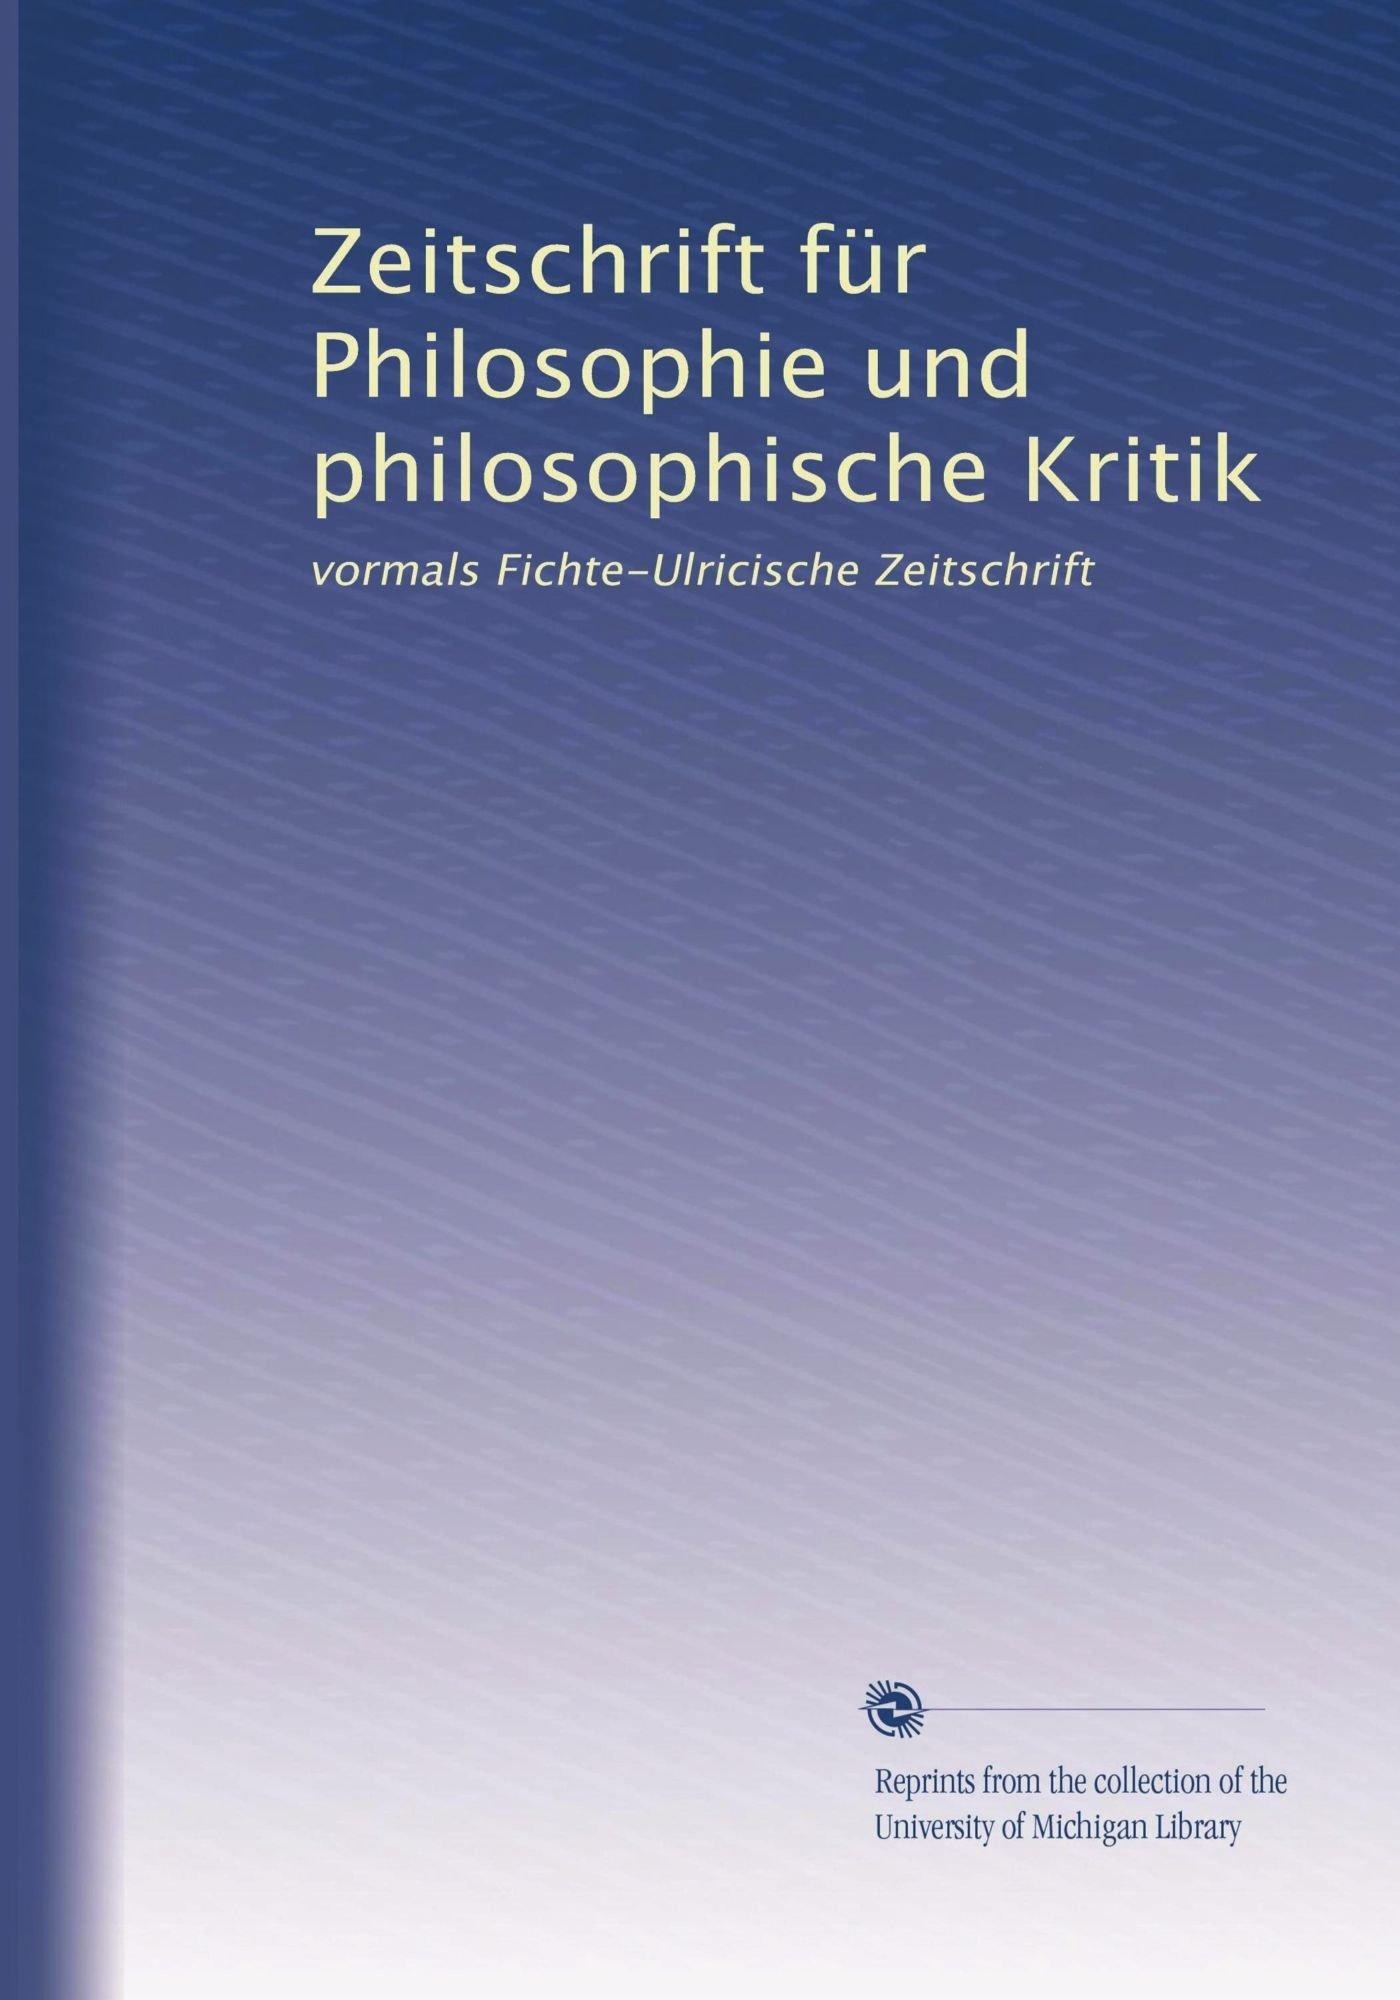 Zeitschrift für Philosophie und philosophische Kritik: vormals Fichte-Ulricische Zeitschrift (Volume 36) (German Edition) Text fb2 book